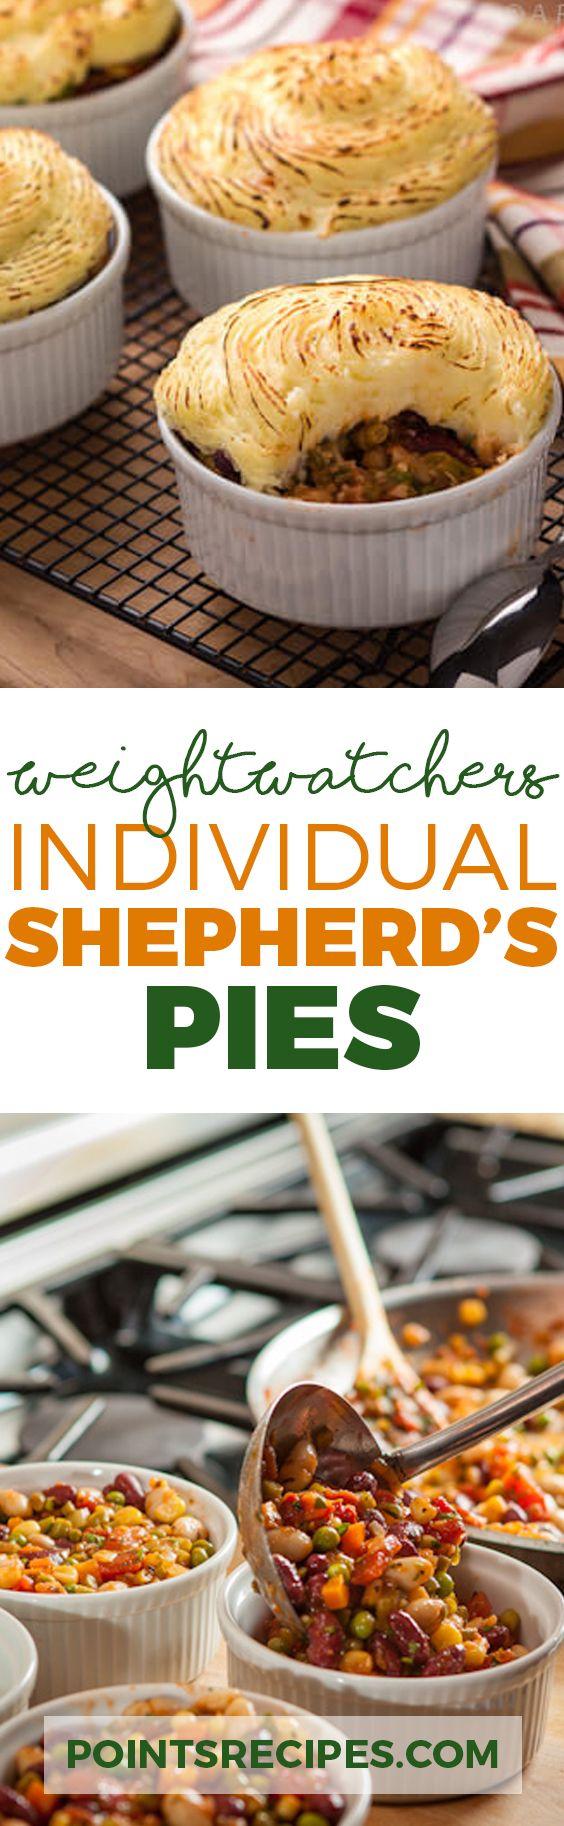 Individual Shepherd's Pies (Weight Watchers SmartPoints)